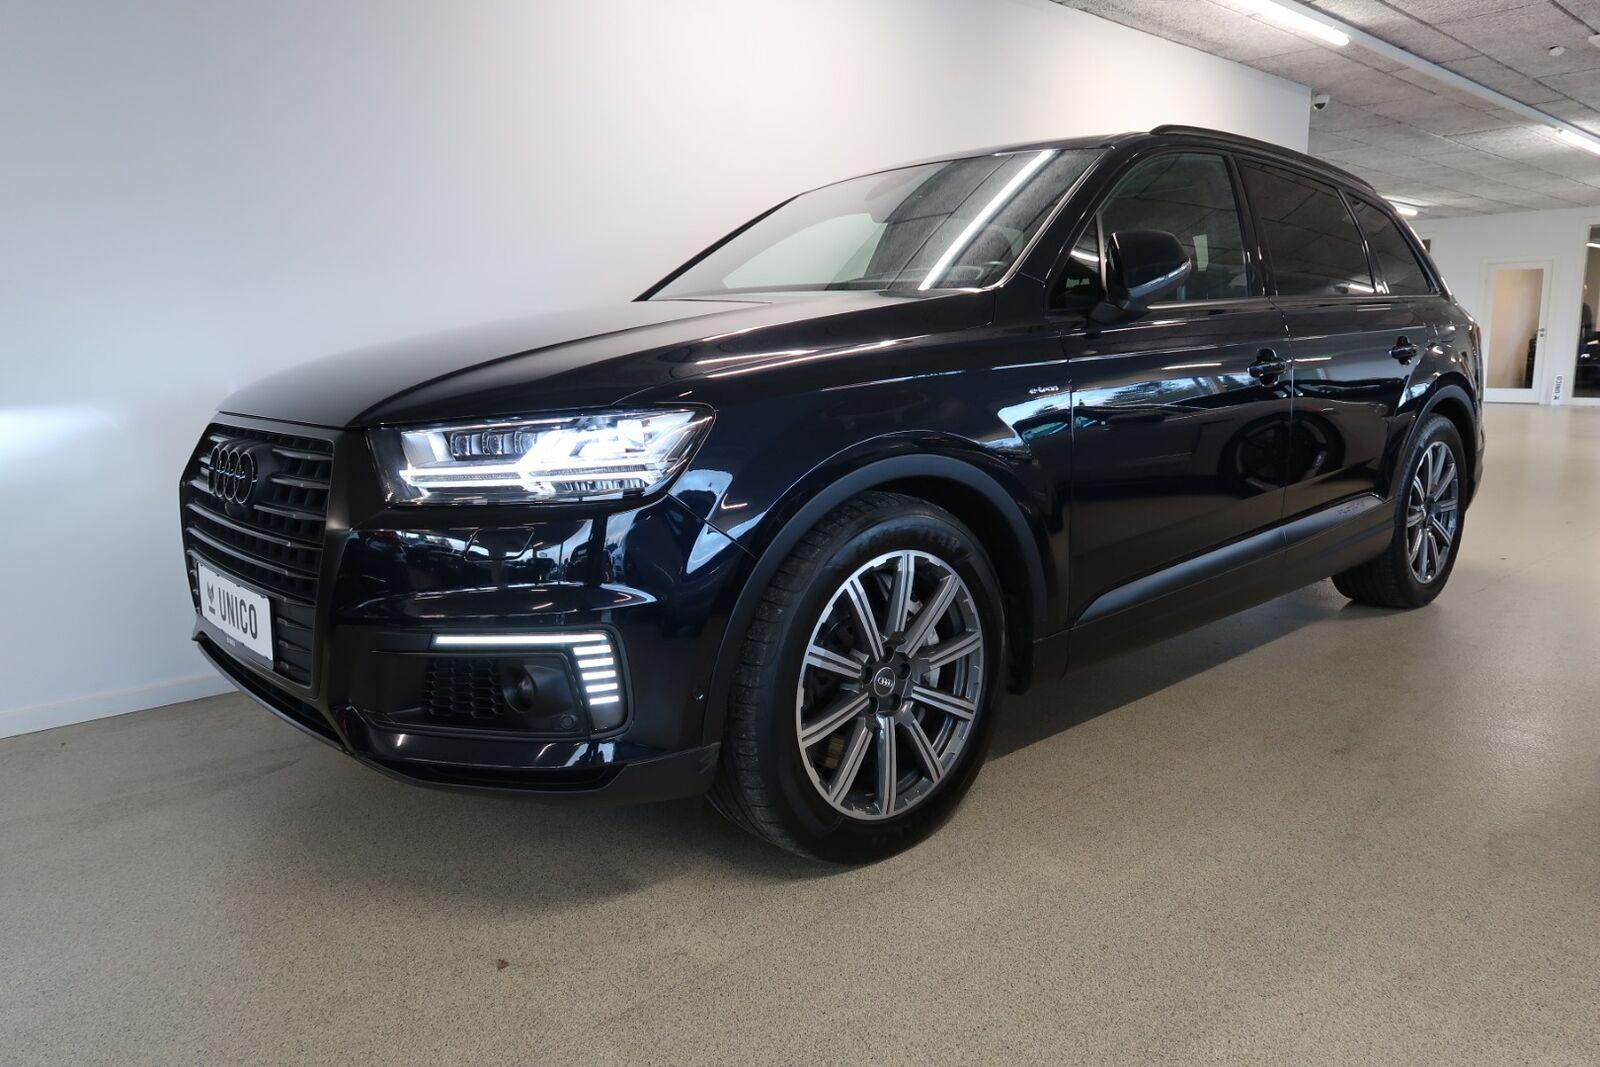 Audi Q7 3,0 TDi e-tron quattro Tiptr. 5d